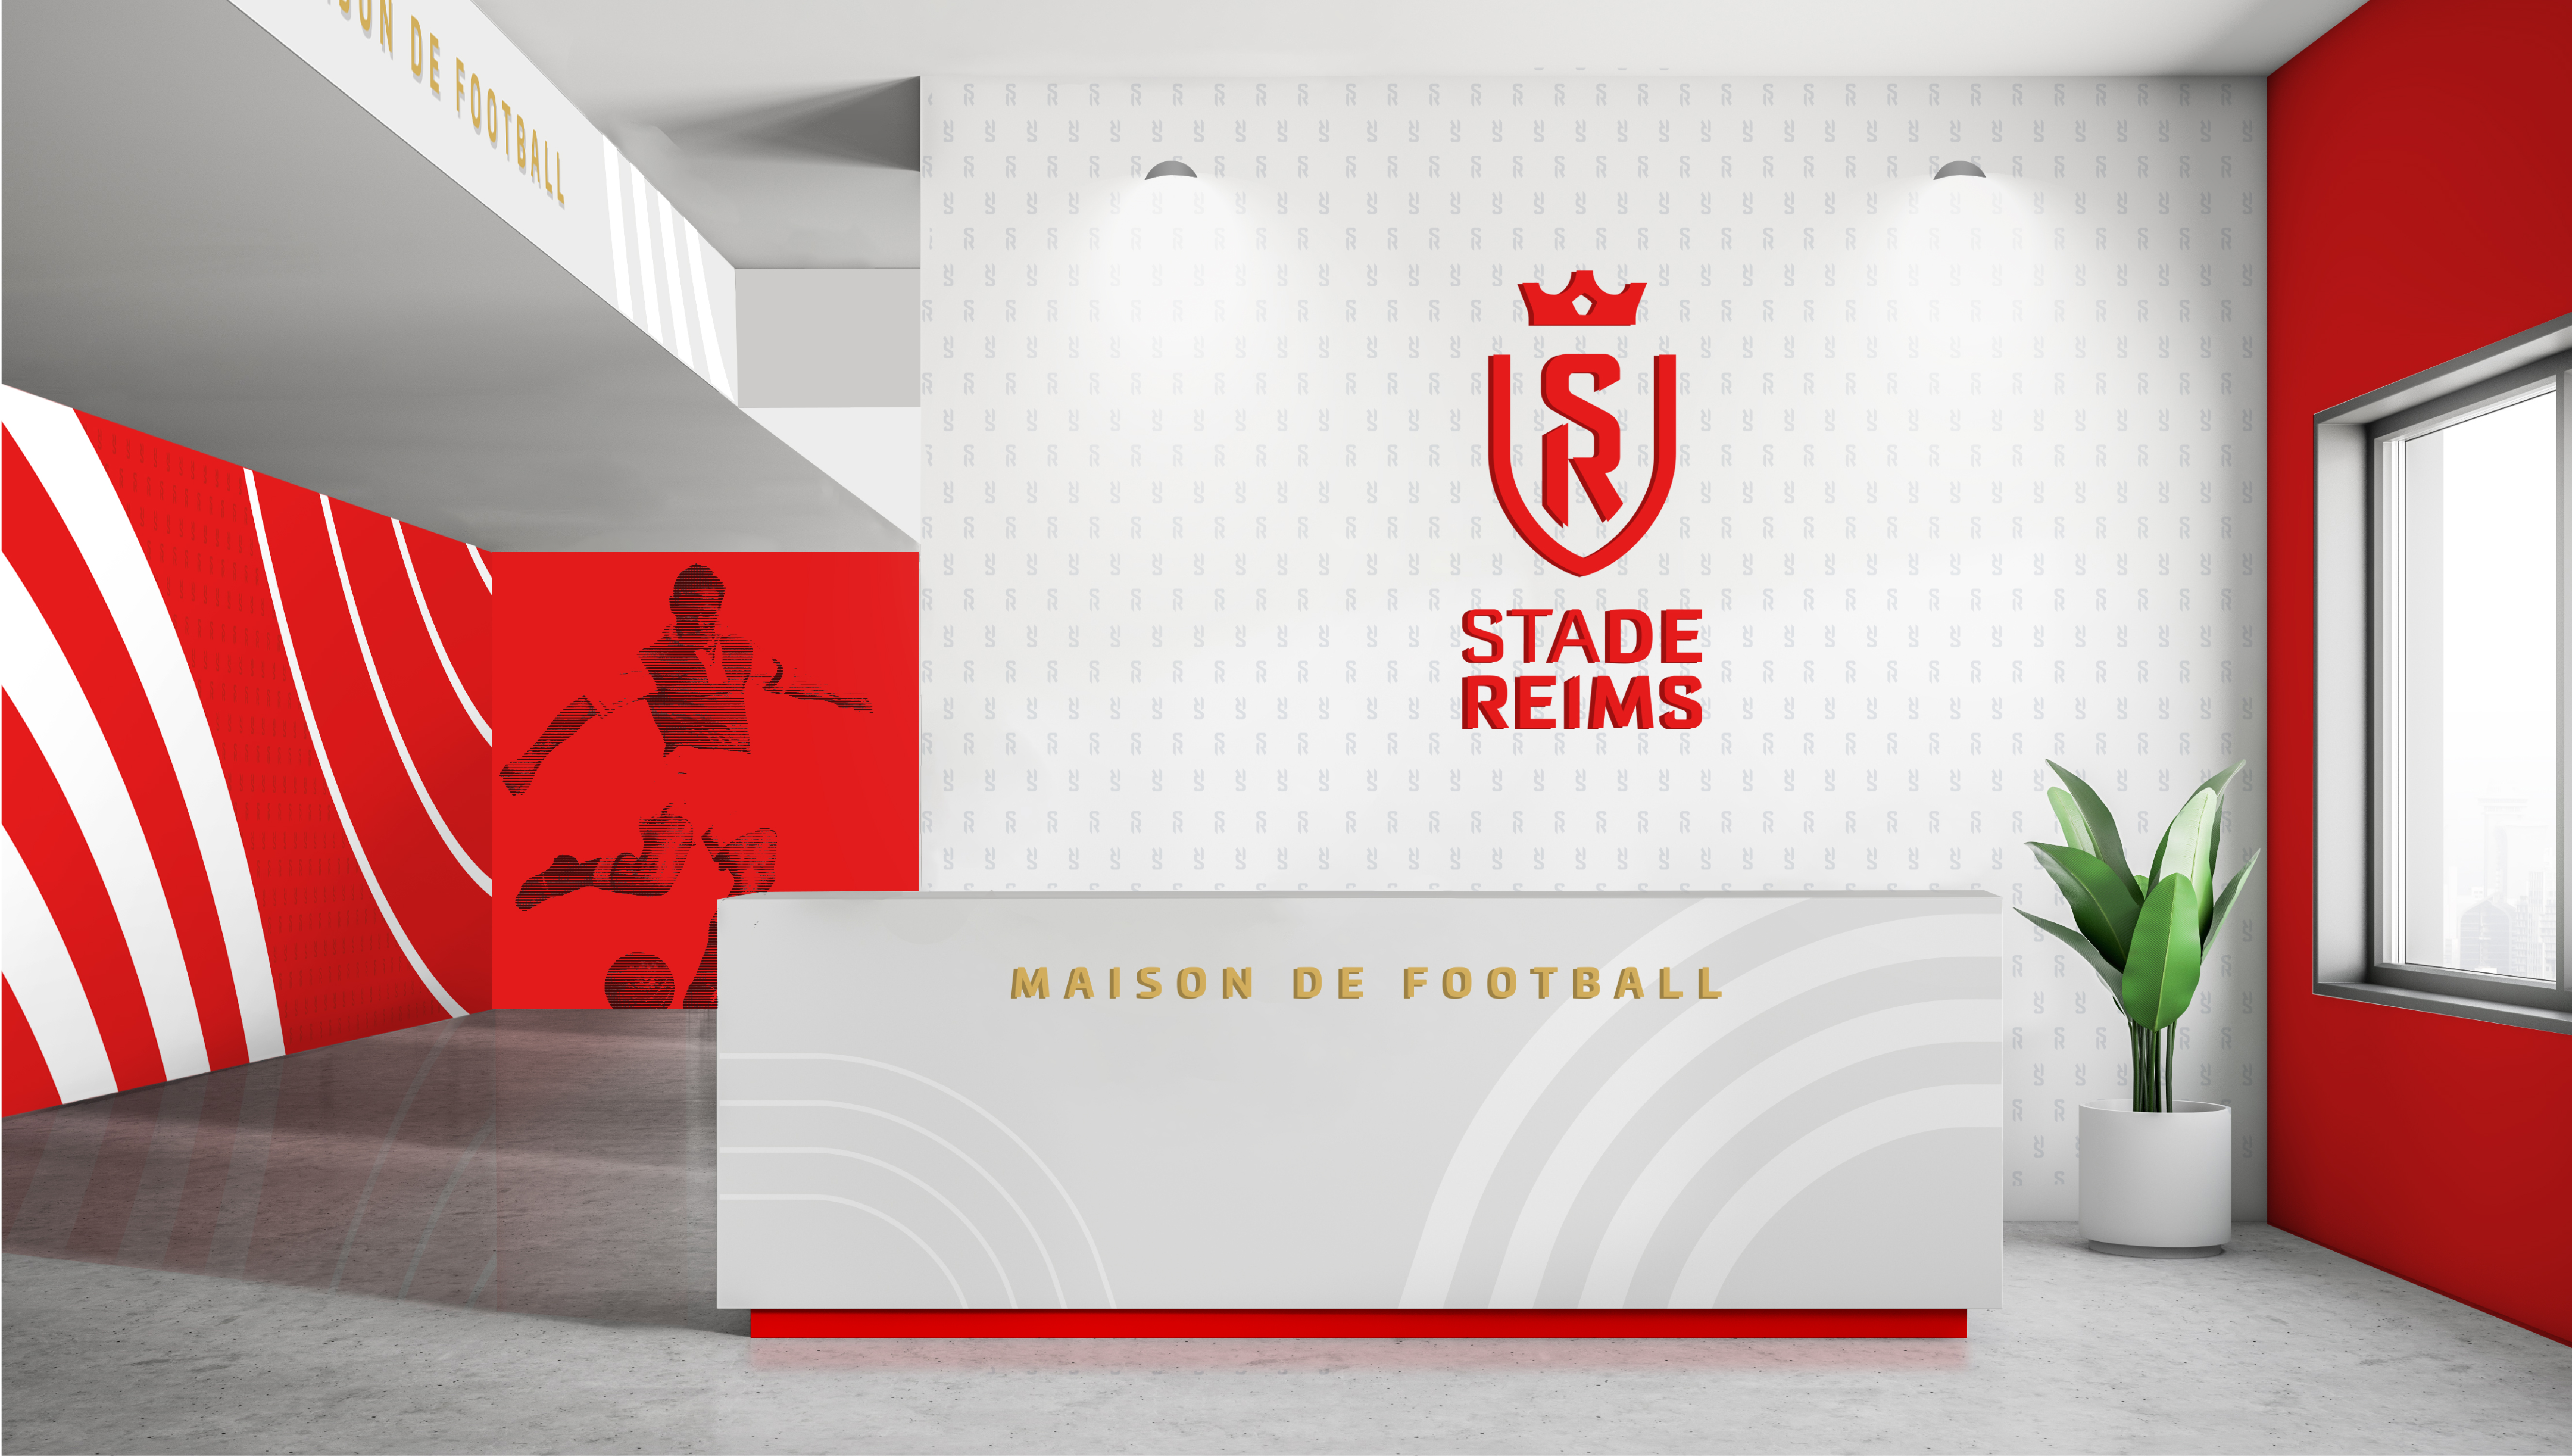 actualite_news_corps_visuel_club_stade_de_reims_identite_visuelle_rouge_blanc_territoire_de_marque_signature_maison_de_football_leroy_tremblot